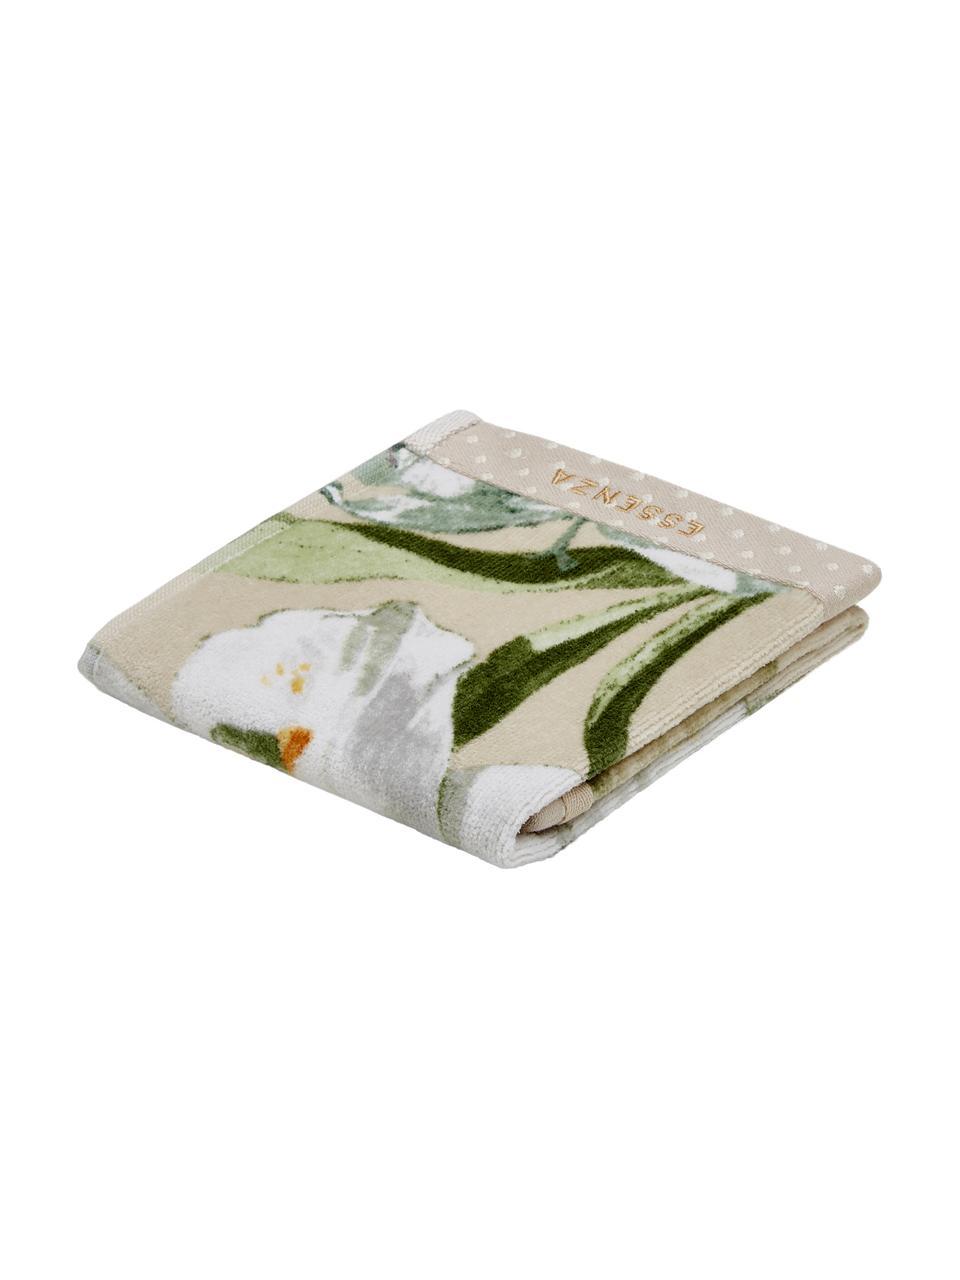 Handdoek Rosalee in verschillende formaten, met bloemenpatroon, 100% biokatoen, GOTS-gecertificeerd, Beige, wit, groen, oranje, Gastendoekje